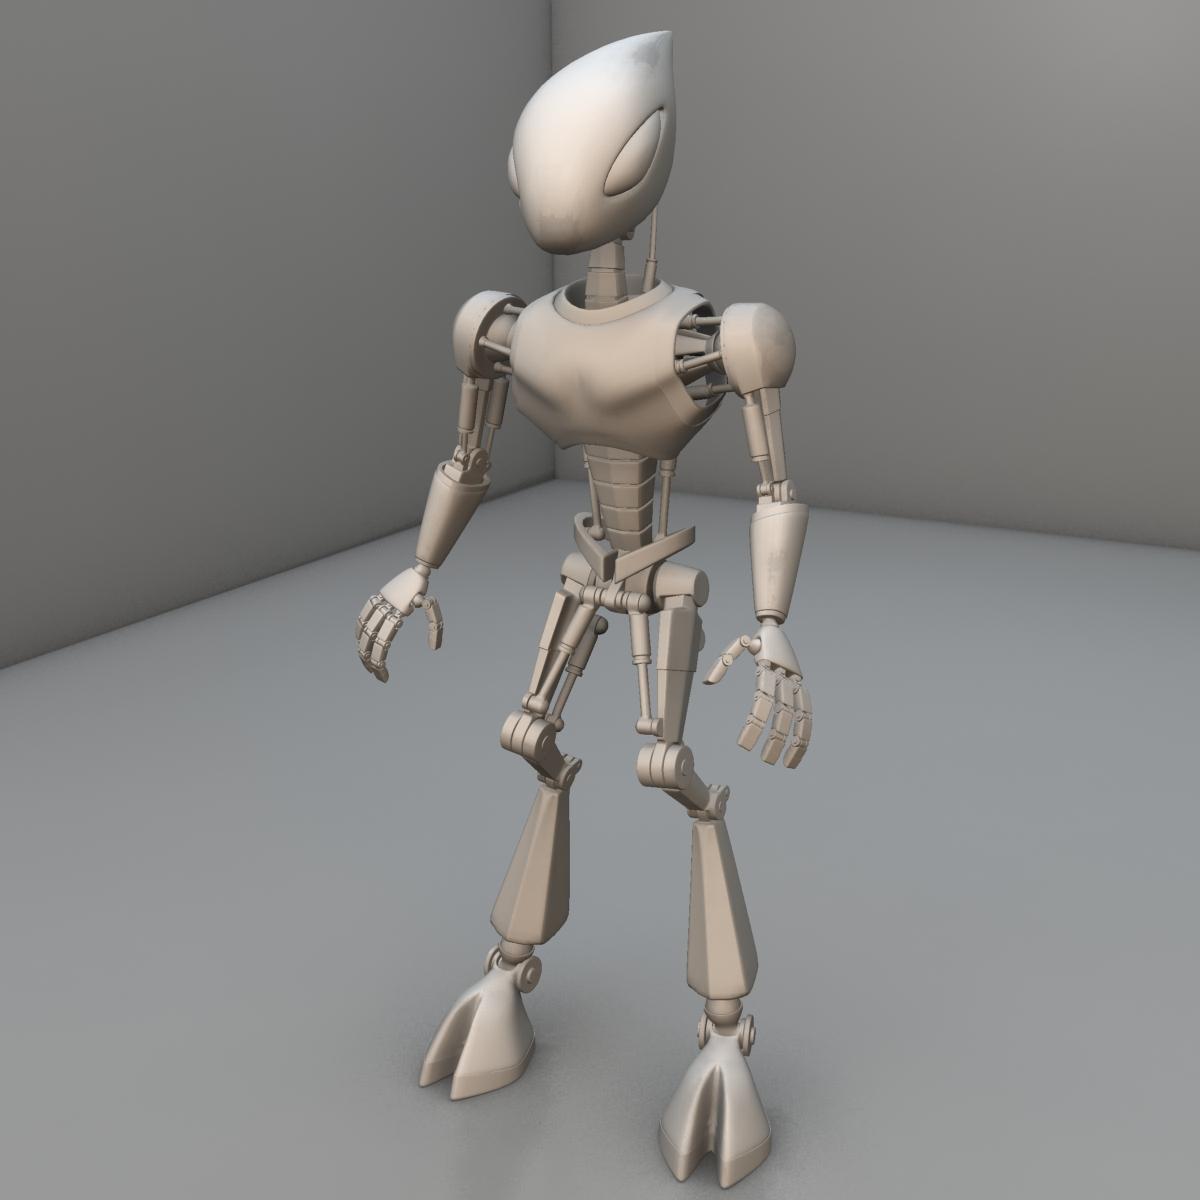 cpkb robot model 3d wedi'i rigio 3ds max fbx blend obj 119275